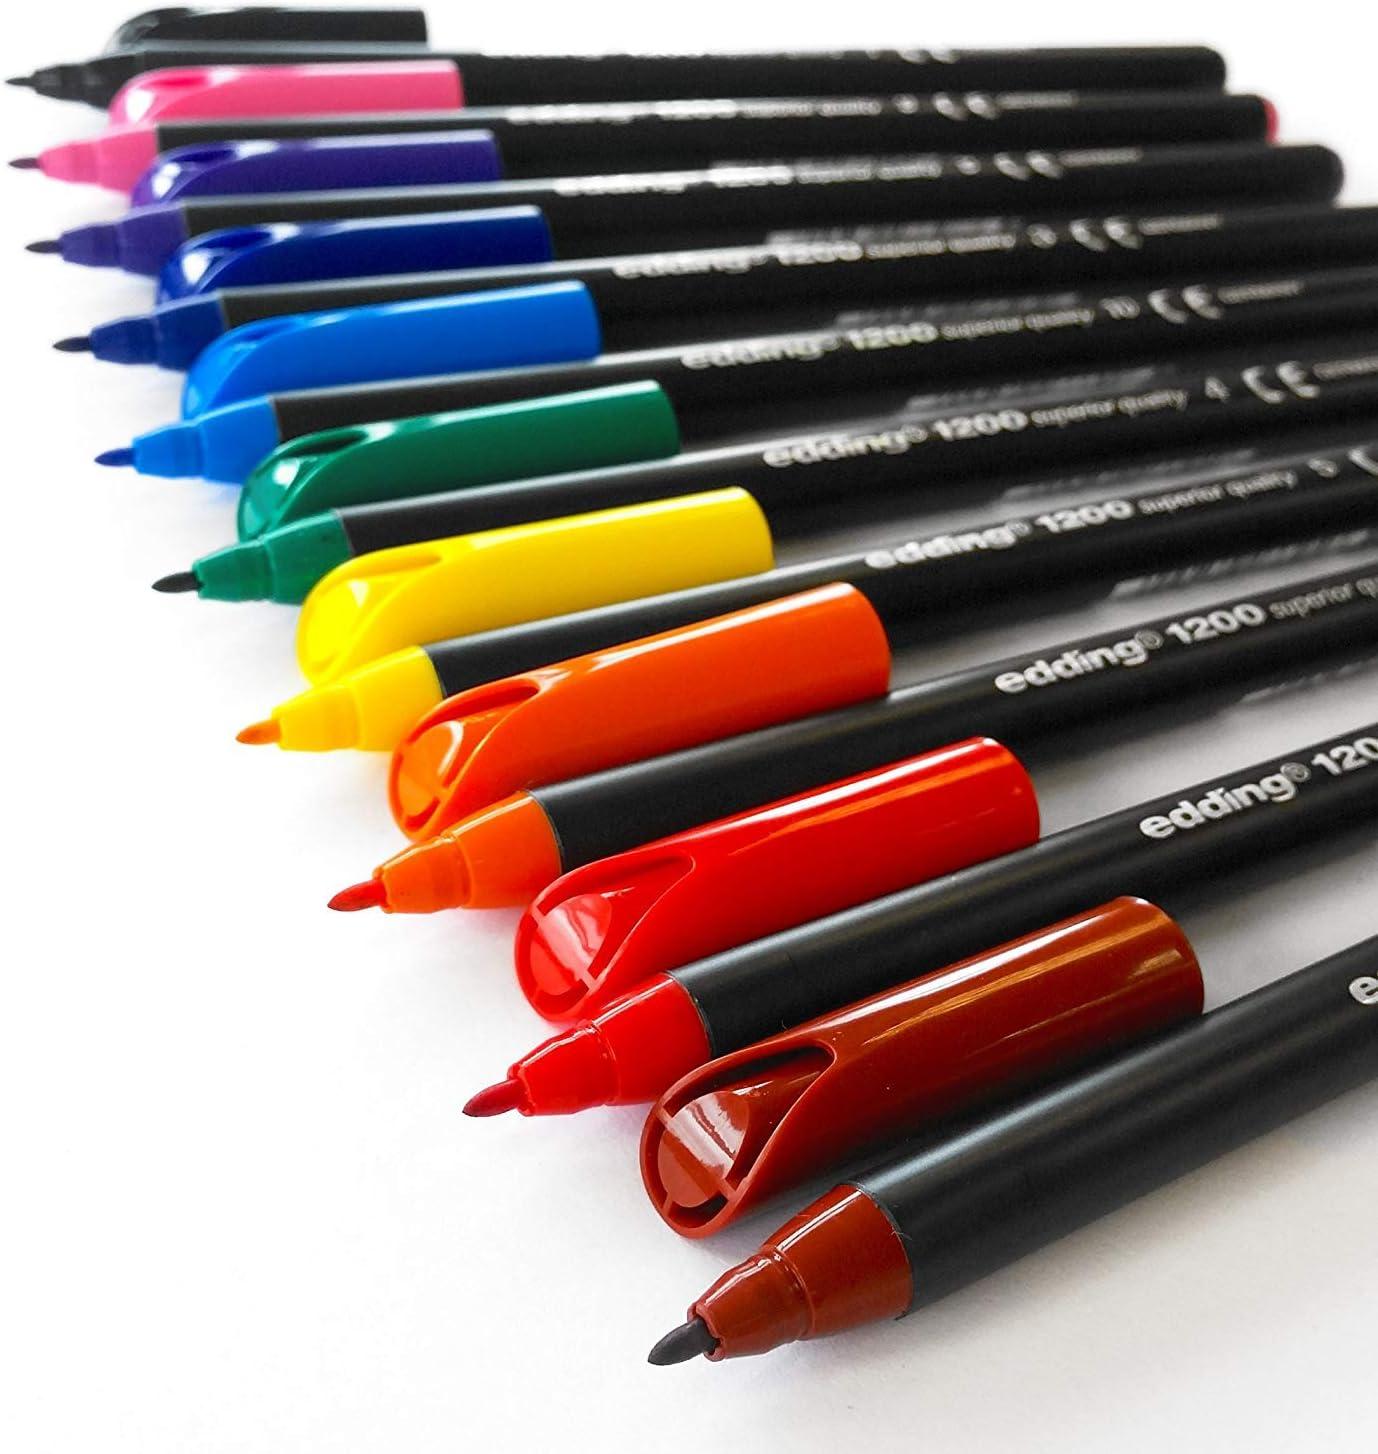 Edding 1200 - Bolígrafos con punta de 1.0 mm, 10 unidades, Multicolor: Amazon.es: Oficina y papelería